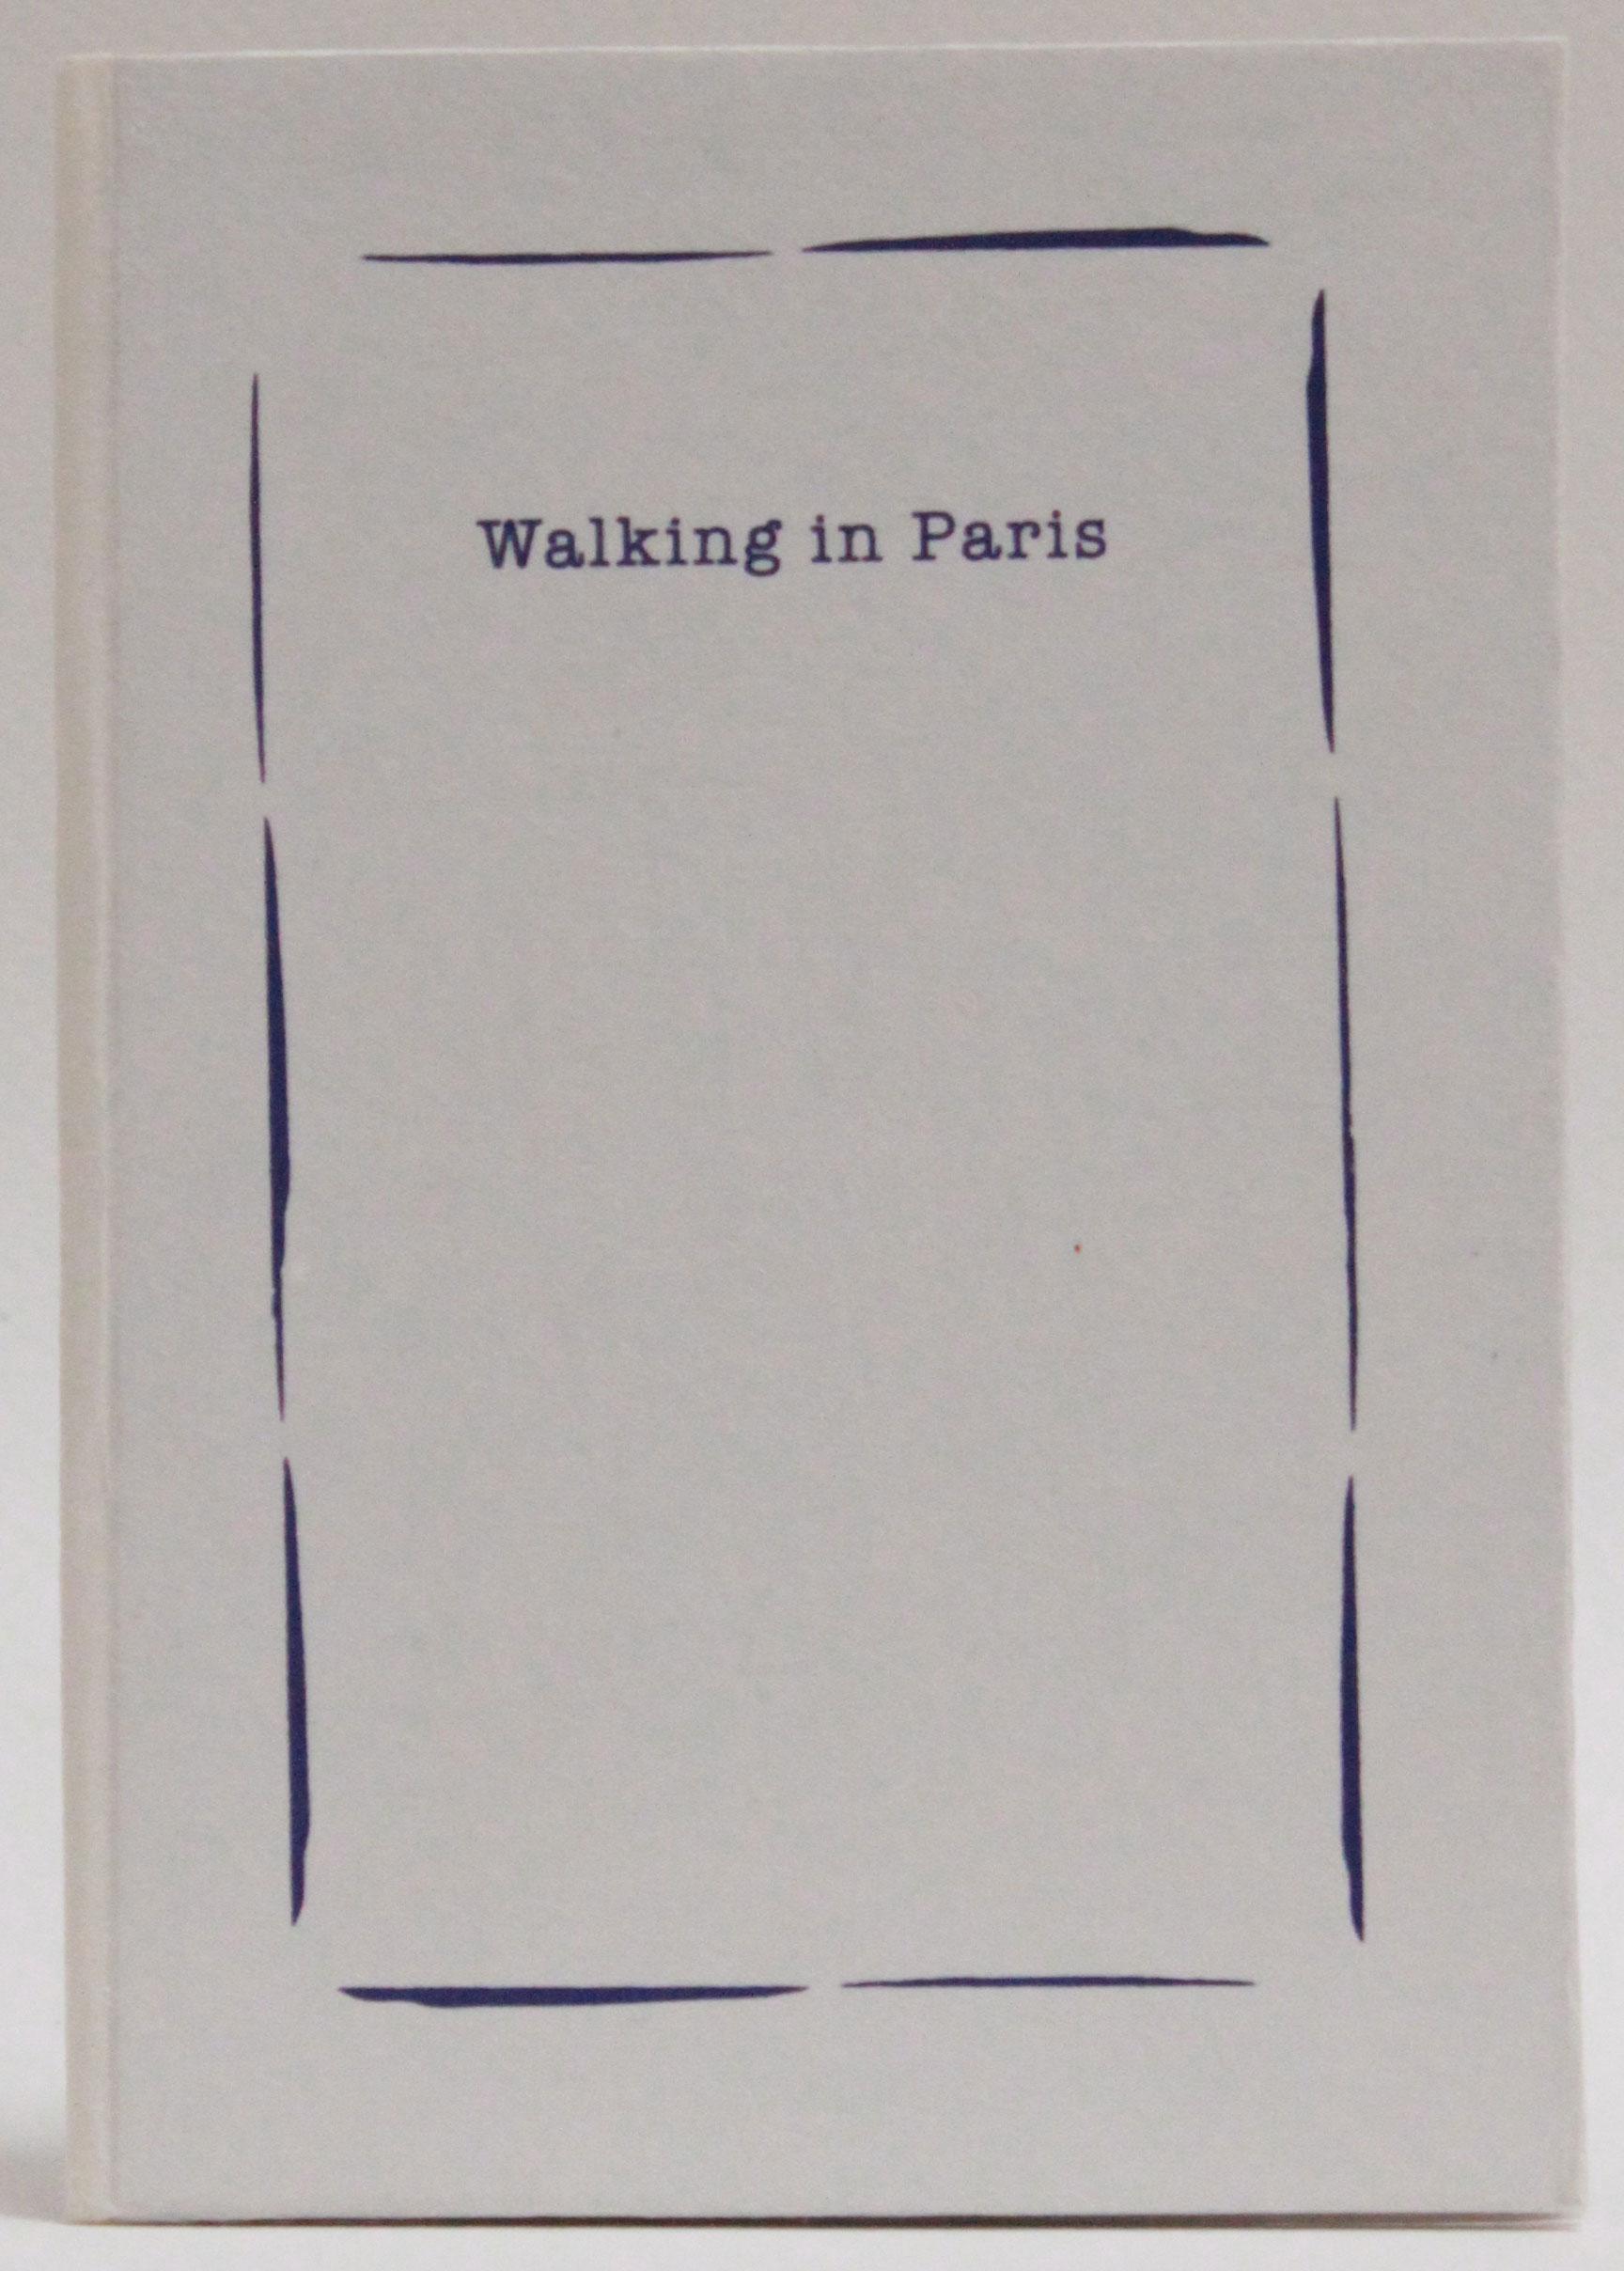 Wolking-in-paris.jpg